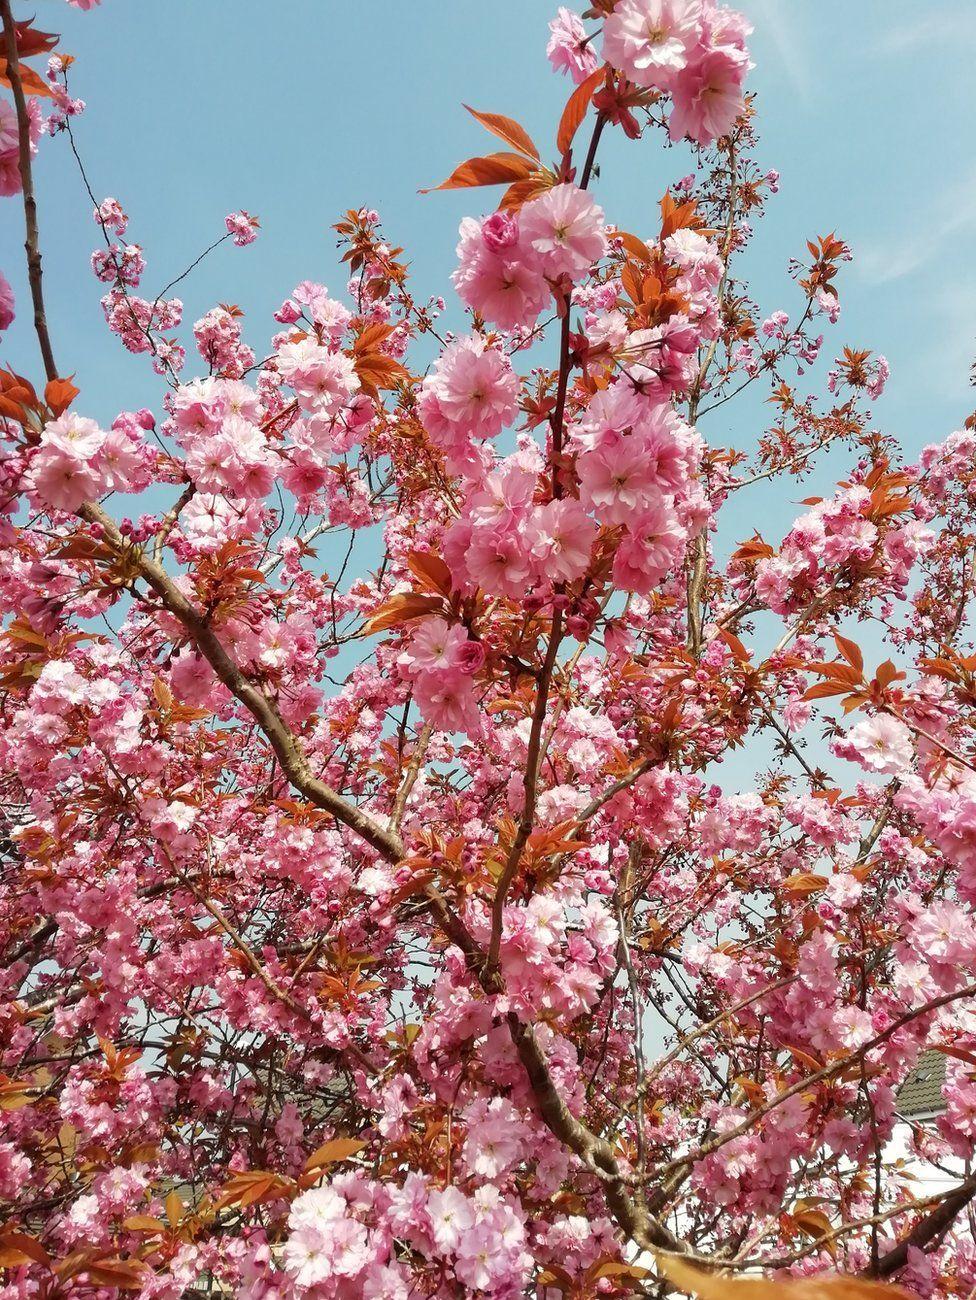 Blooming Seasons Of Flowering Cherry Trees